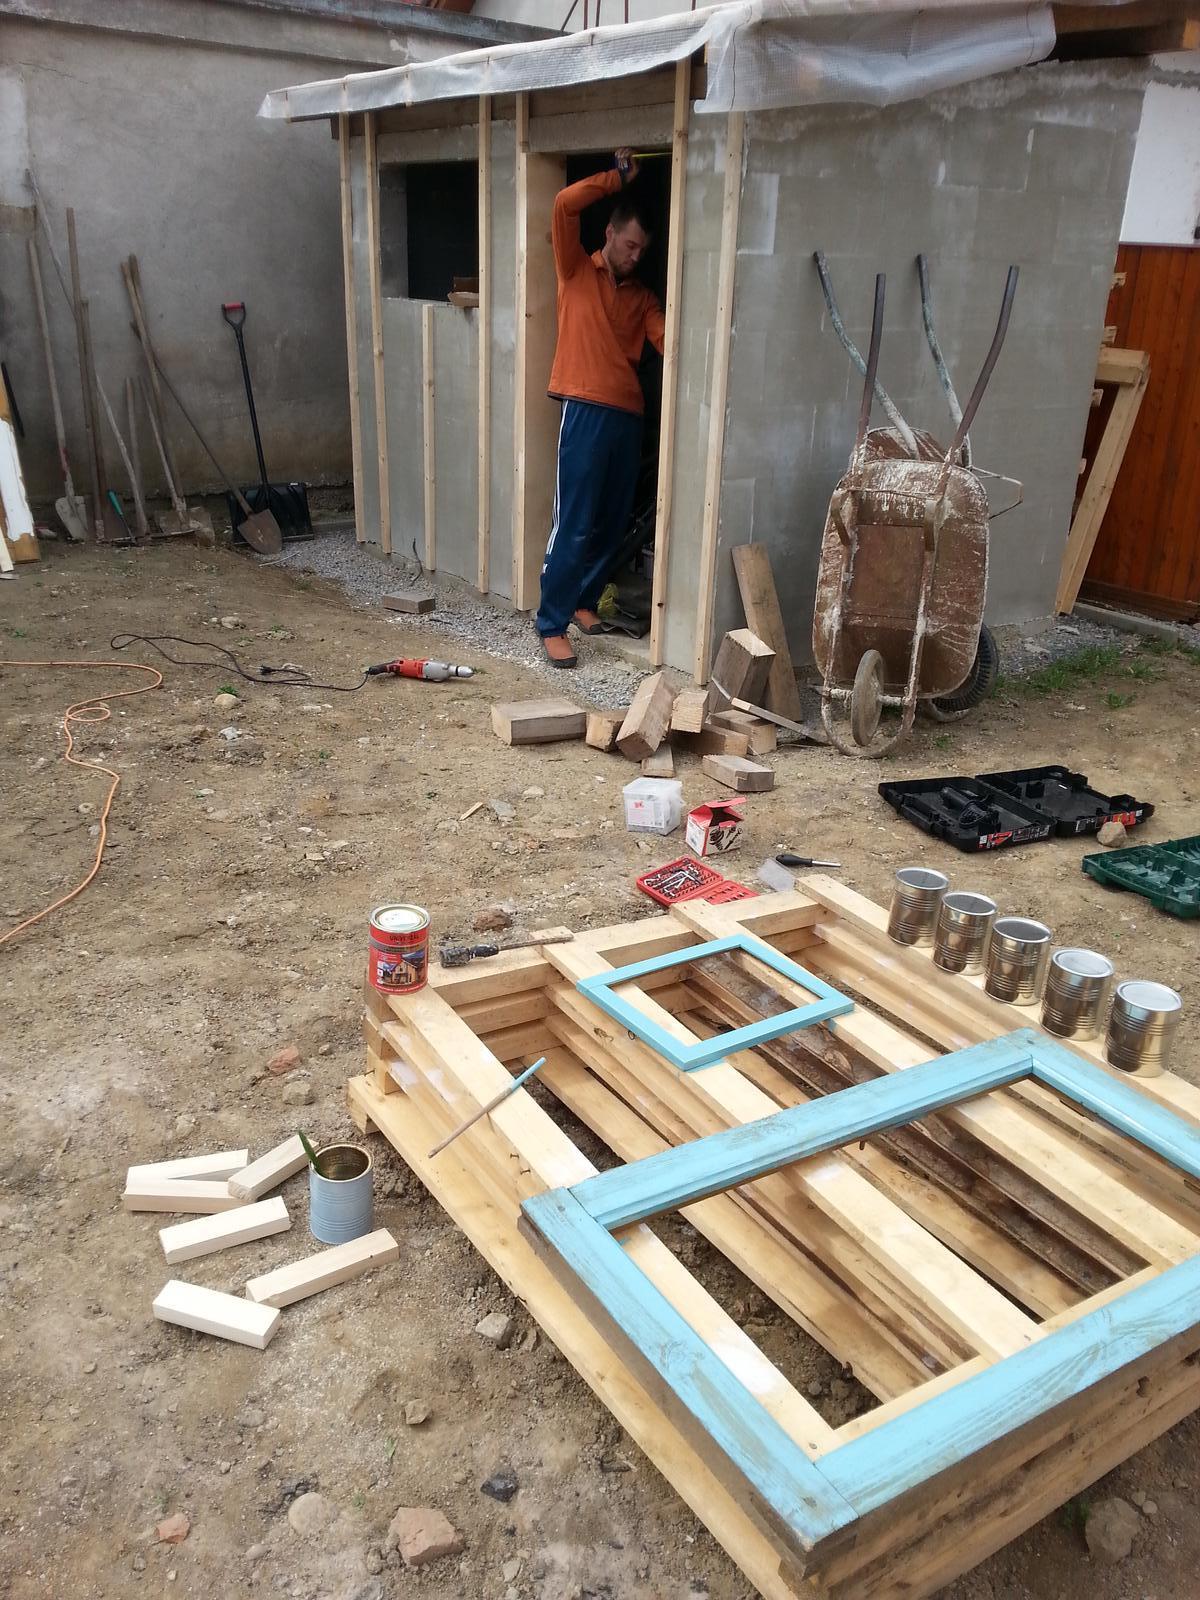 Projekt - záhrada ;-) - hnede dvojokienko z povaly vysmirglovane, nove skla zalozene a zatmelene, ramy v polovici natieracieho procesu.. :-) a vymeriavanie oblozenia na kolnicku..